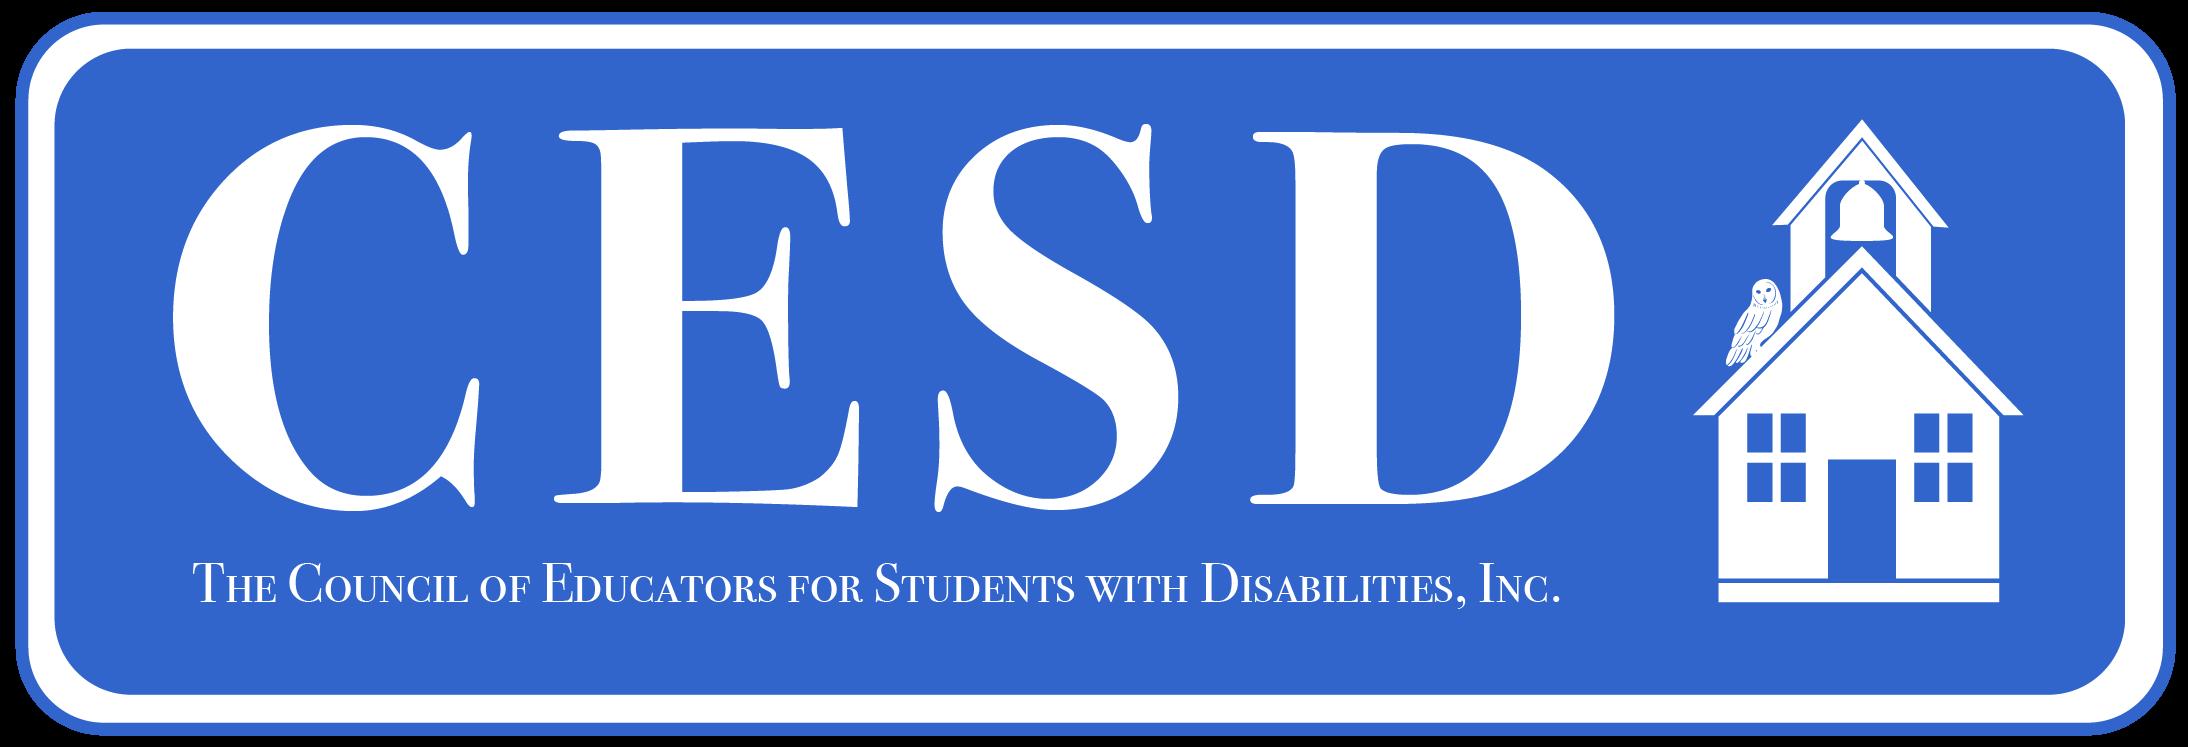 CESD_logoDraft5TB-04